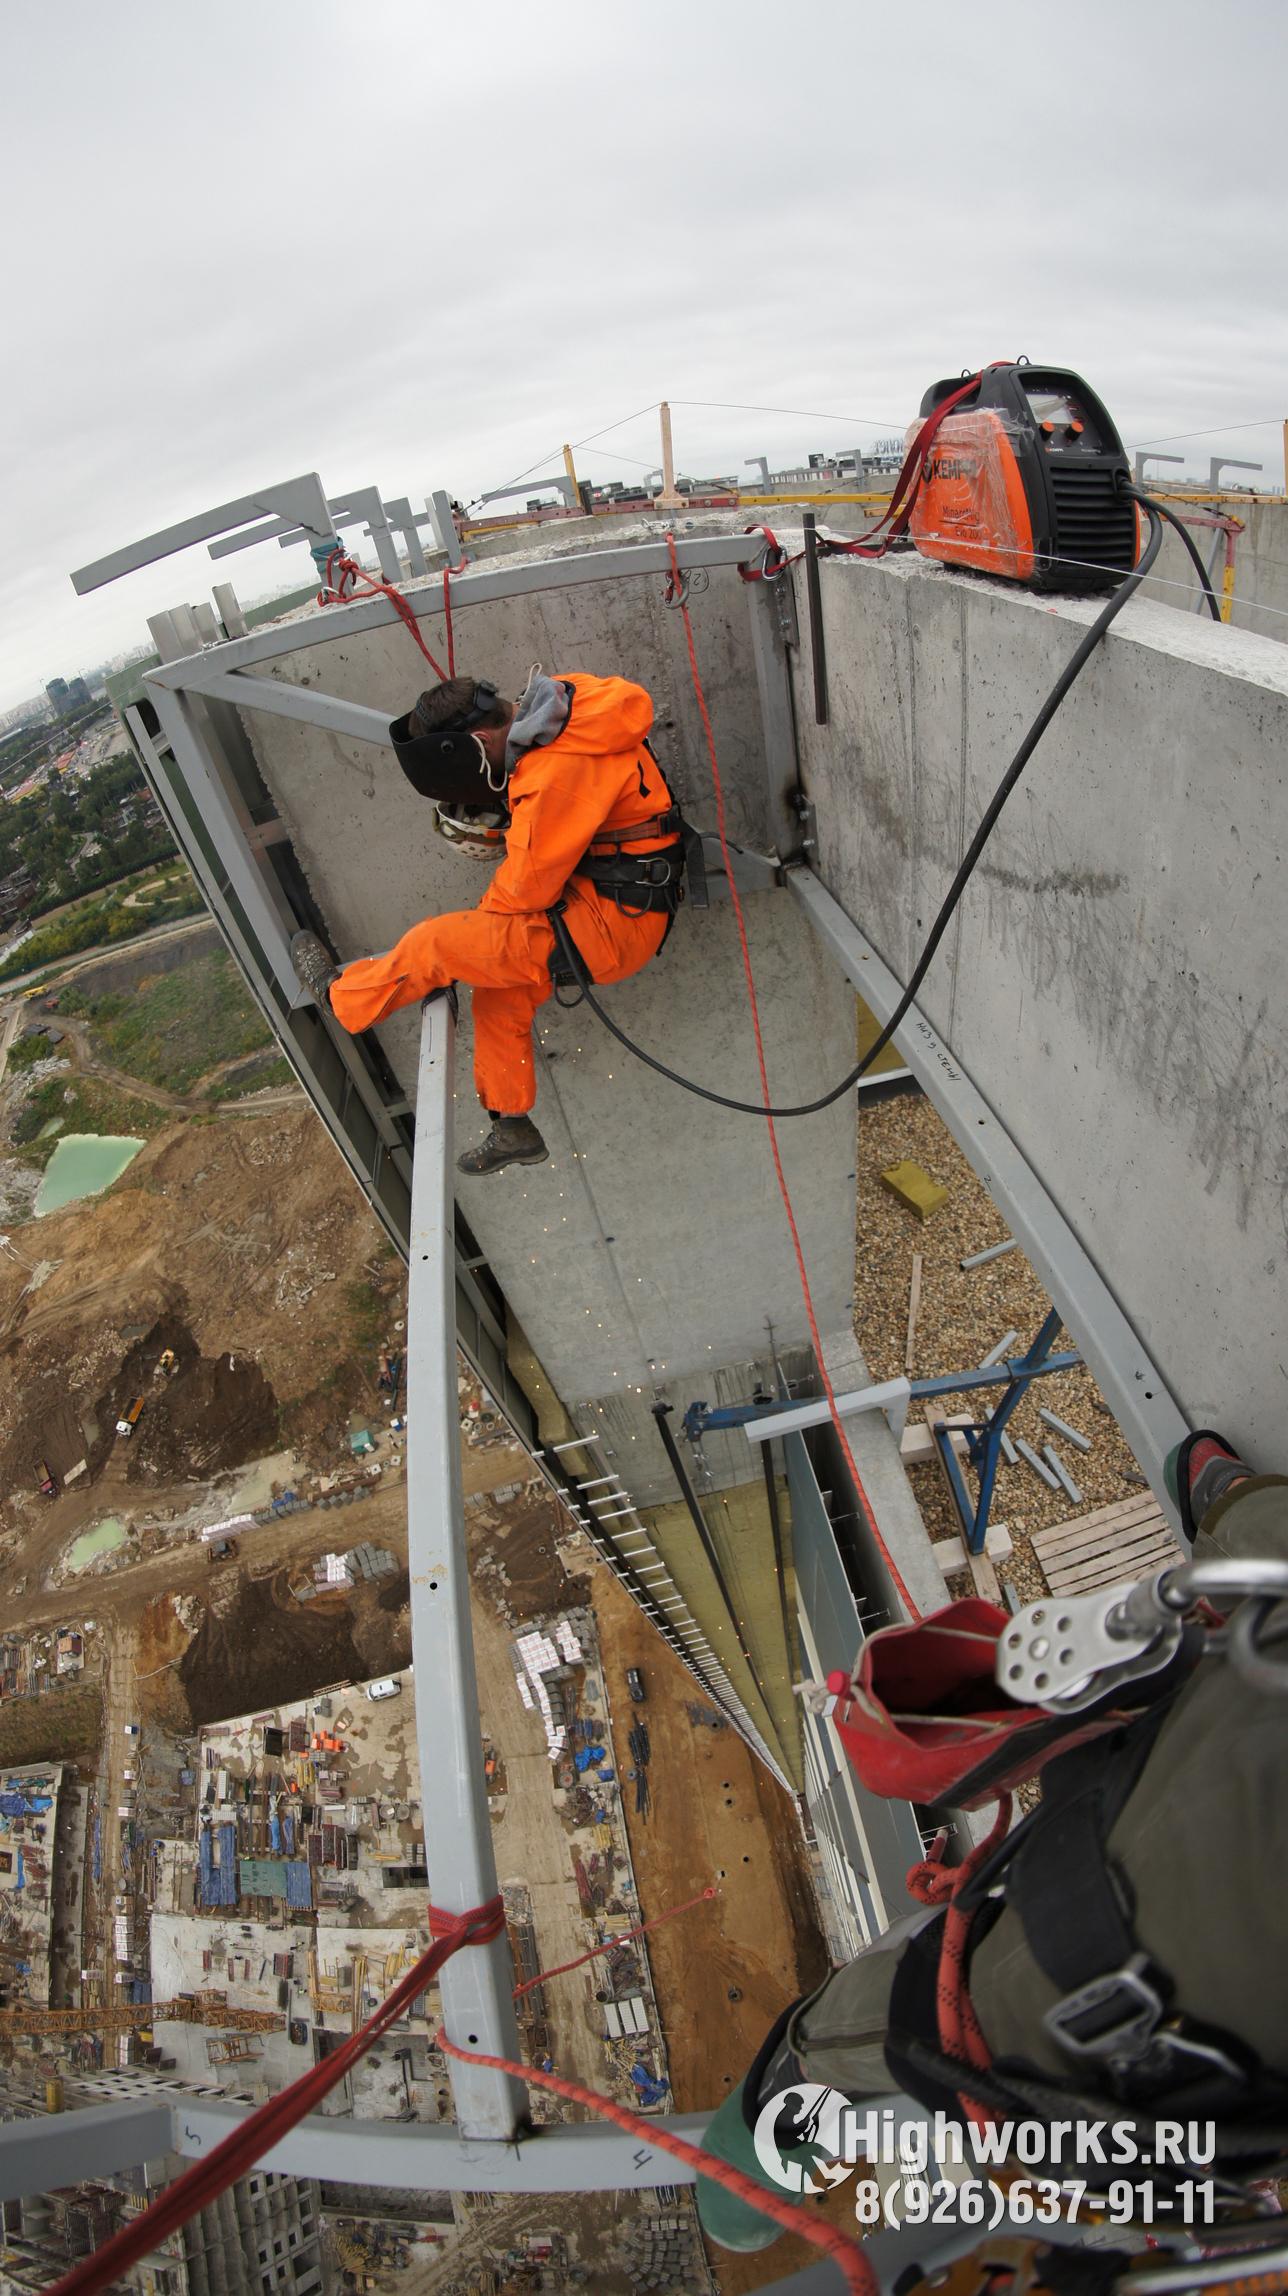 Сварочные работы промышленными альпинистами